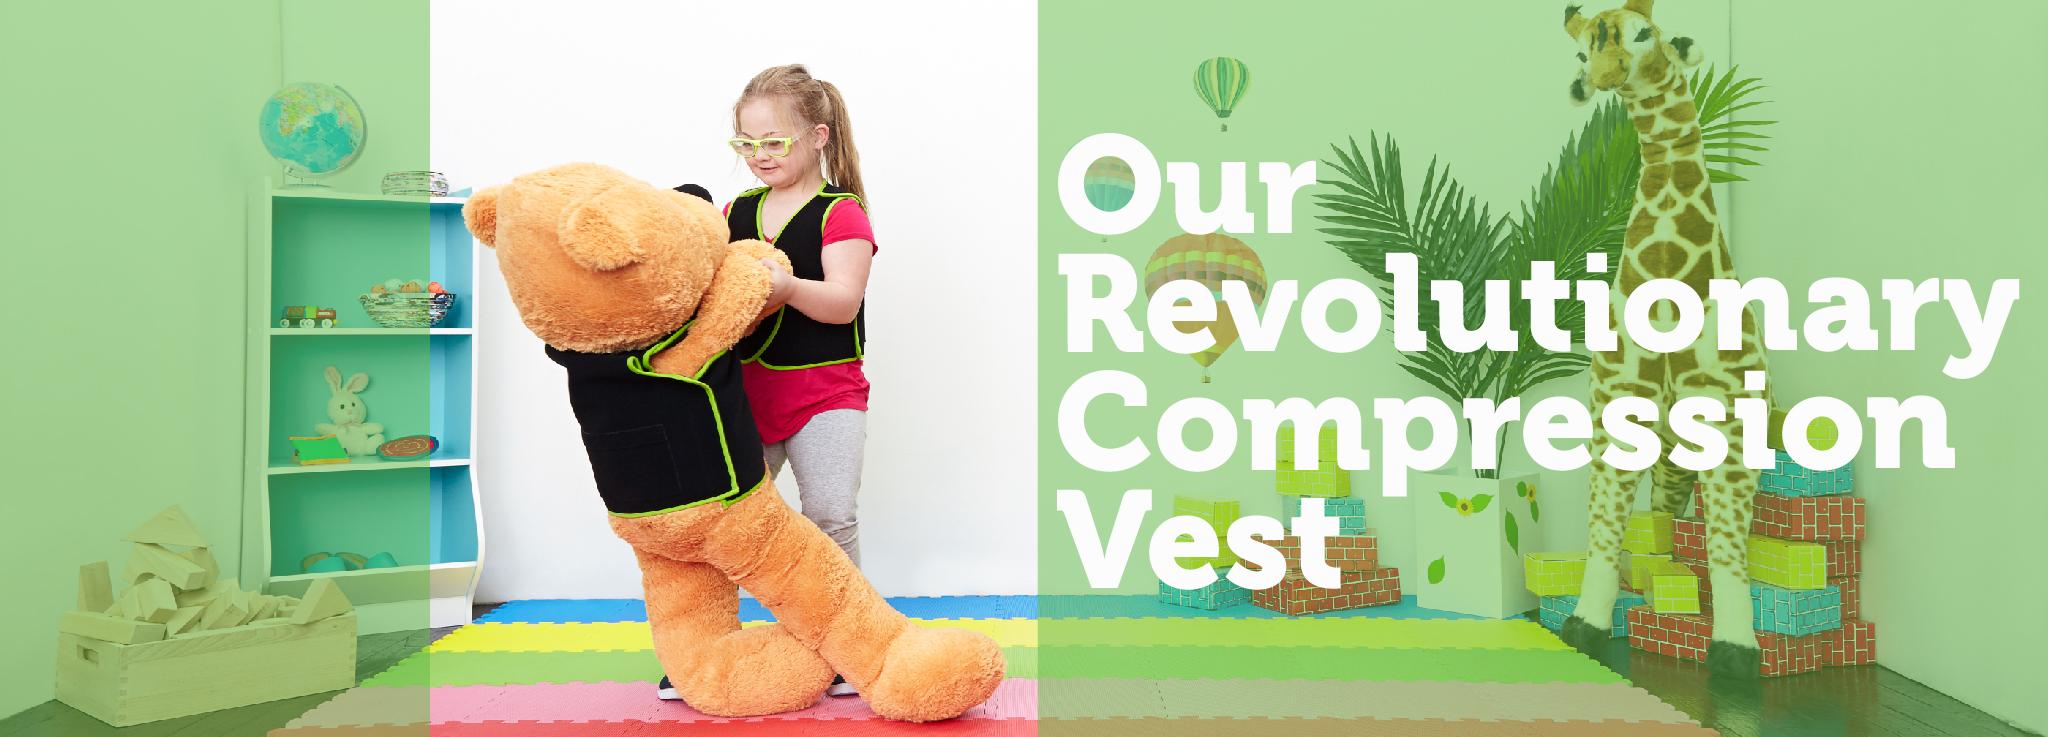 Compression Vest banner